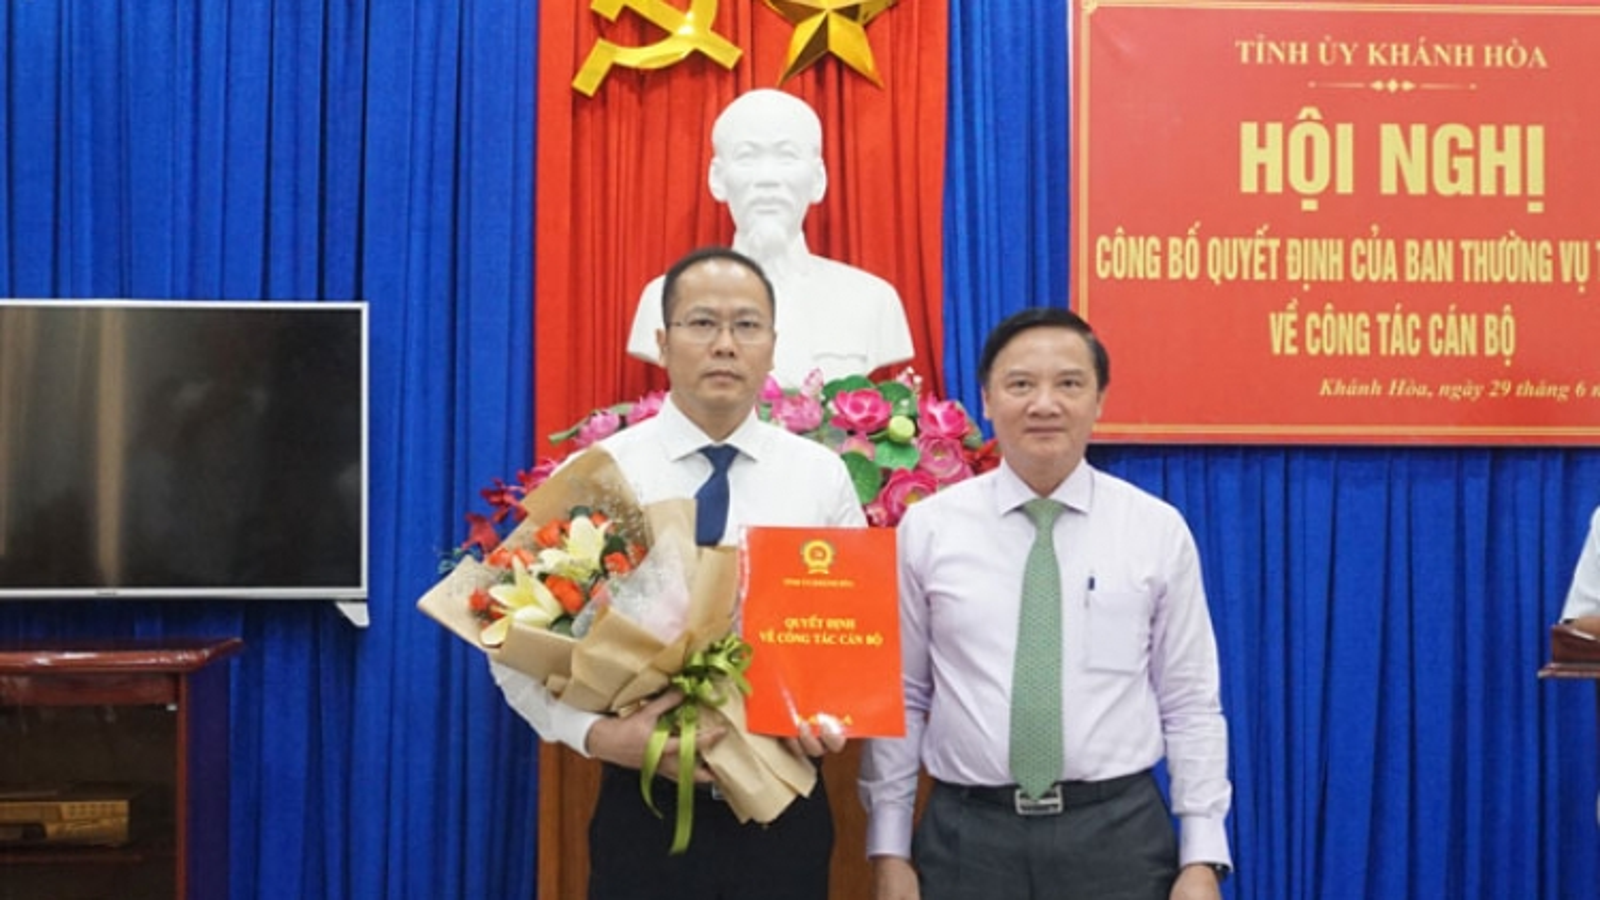 Ông Nguyễn Khắc Hà giữ chức vụ Trưởng Ban Tổ chức Tỉnh ủy Khánh Hòa